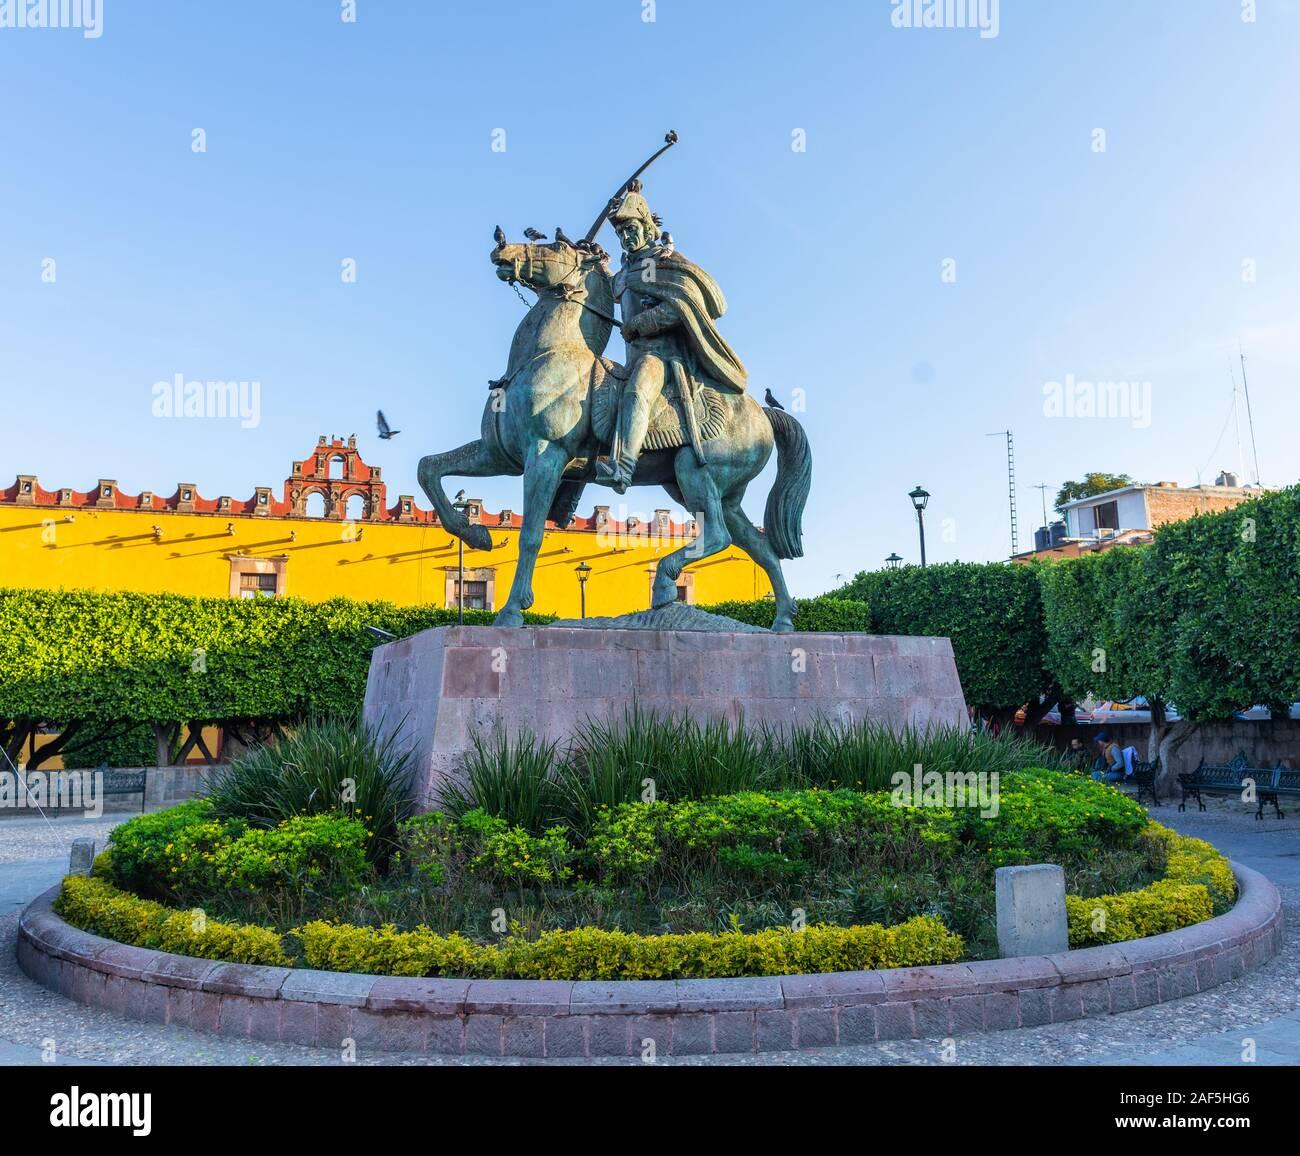 Statue of Mexican Independence Hero Ignacio Allende in San Miguel de Allende, Guanajuato, Mexico Stock Photo